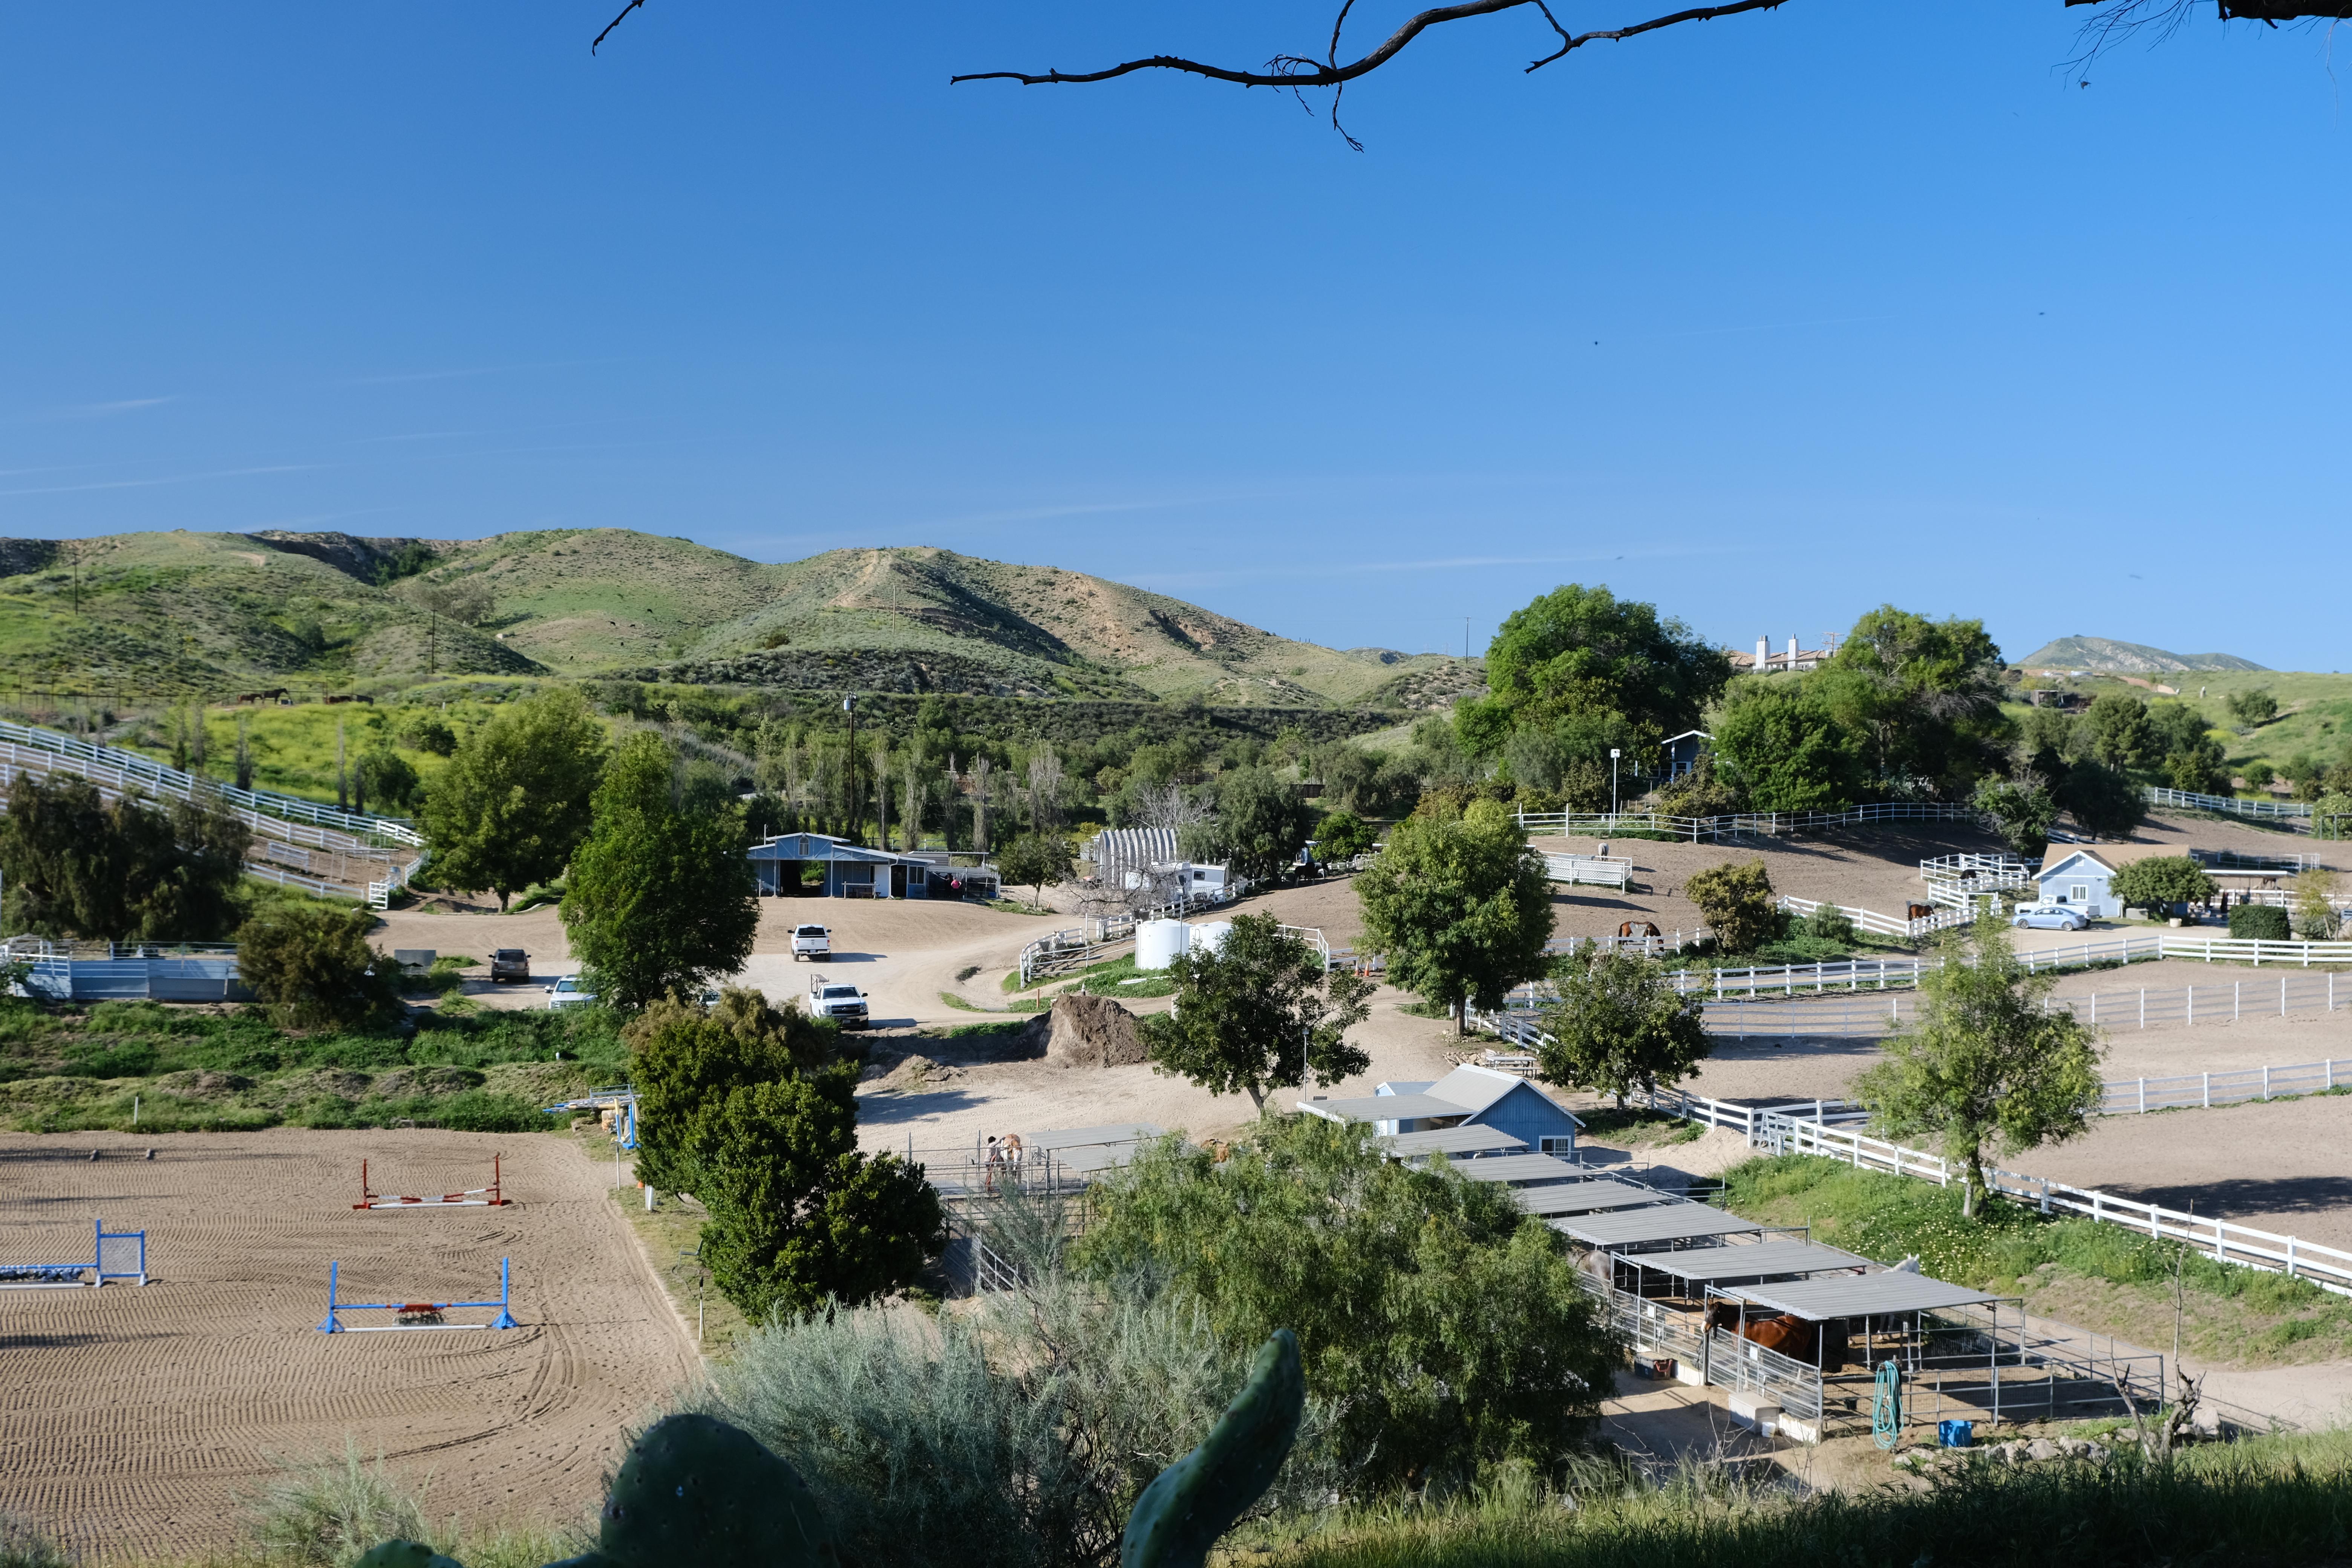 vistadelmarranch-mainbarn-californiahors